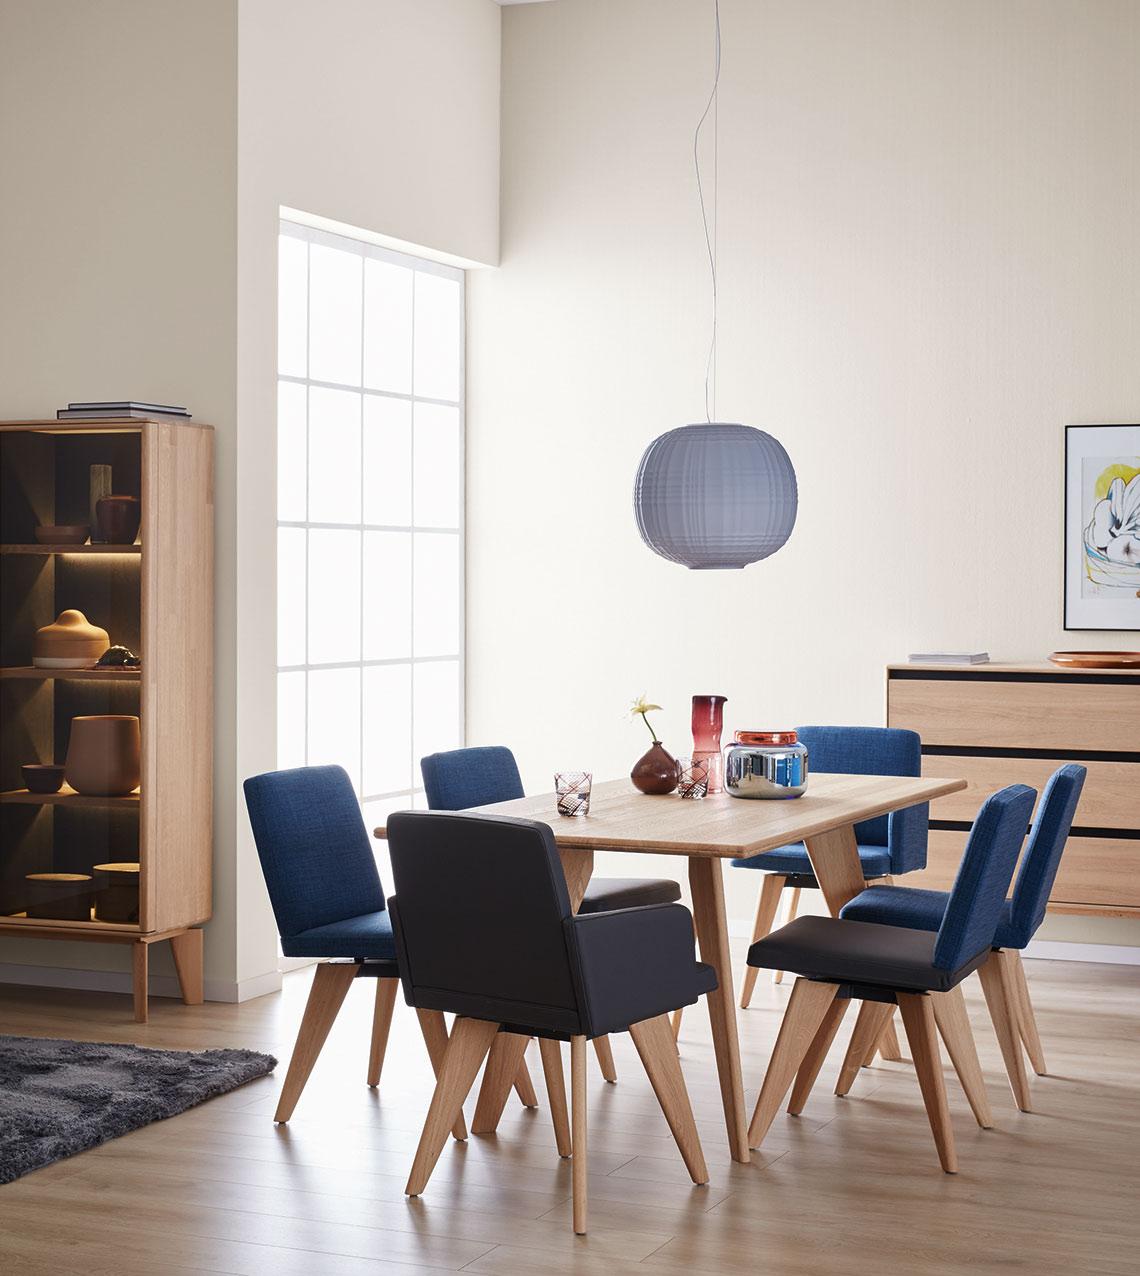 Full Size of Moderne Wandfarben Modernes Bett Duschen Bilder Fürs Wohnzimmer Deckenleuchte 180x200 Esstische Sofa Landhausküche Wohnzimmer Moderne Wandfarben